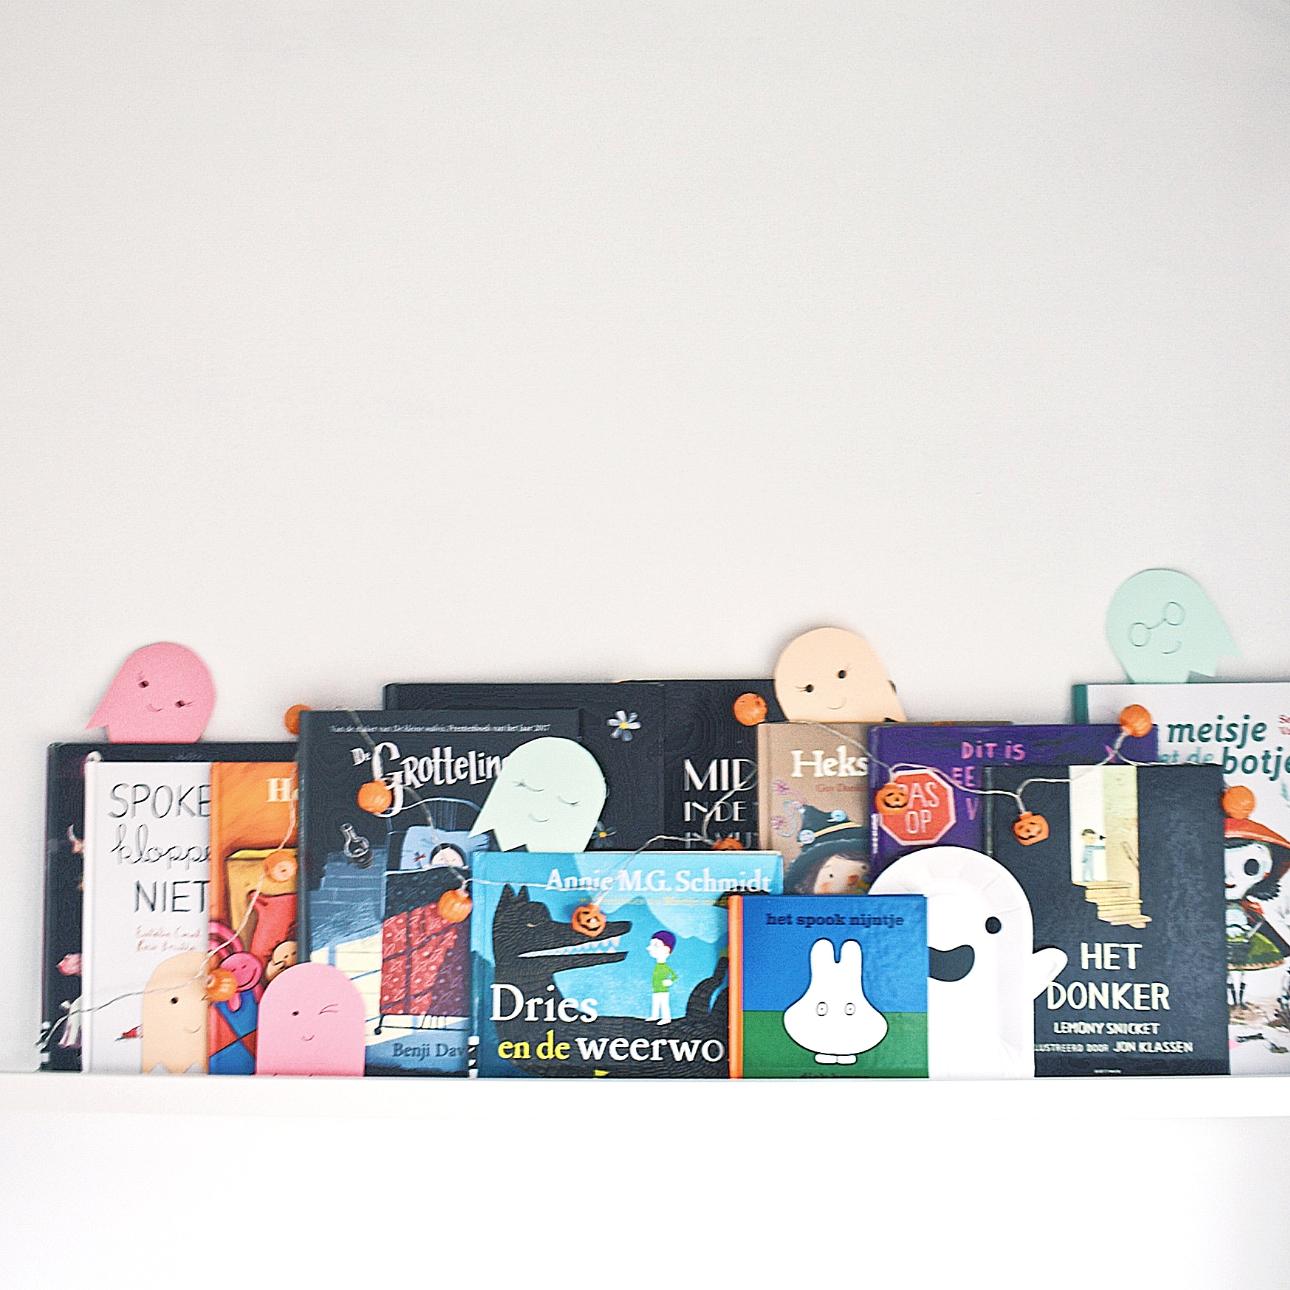 griezelboeken peuter kleuter spannende prentenboeken